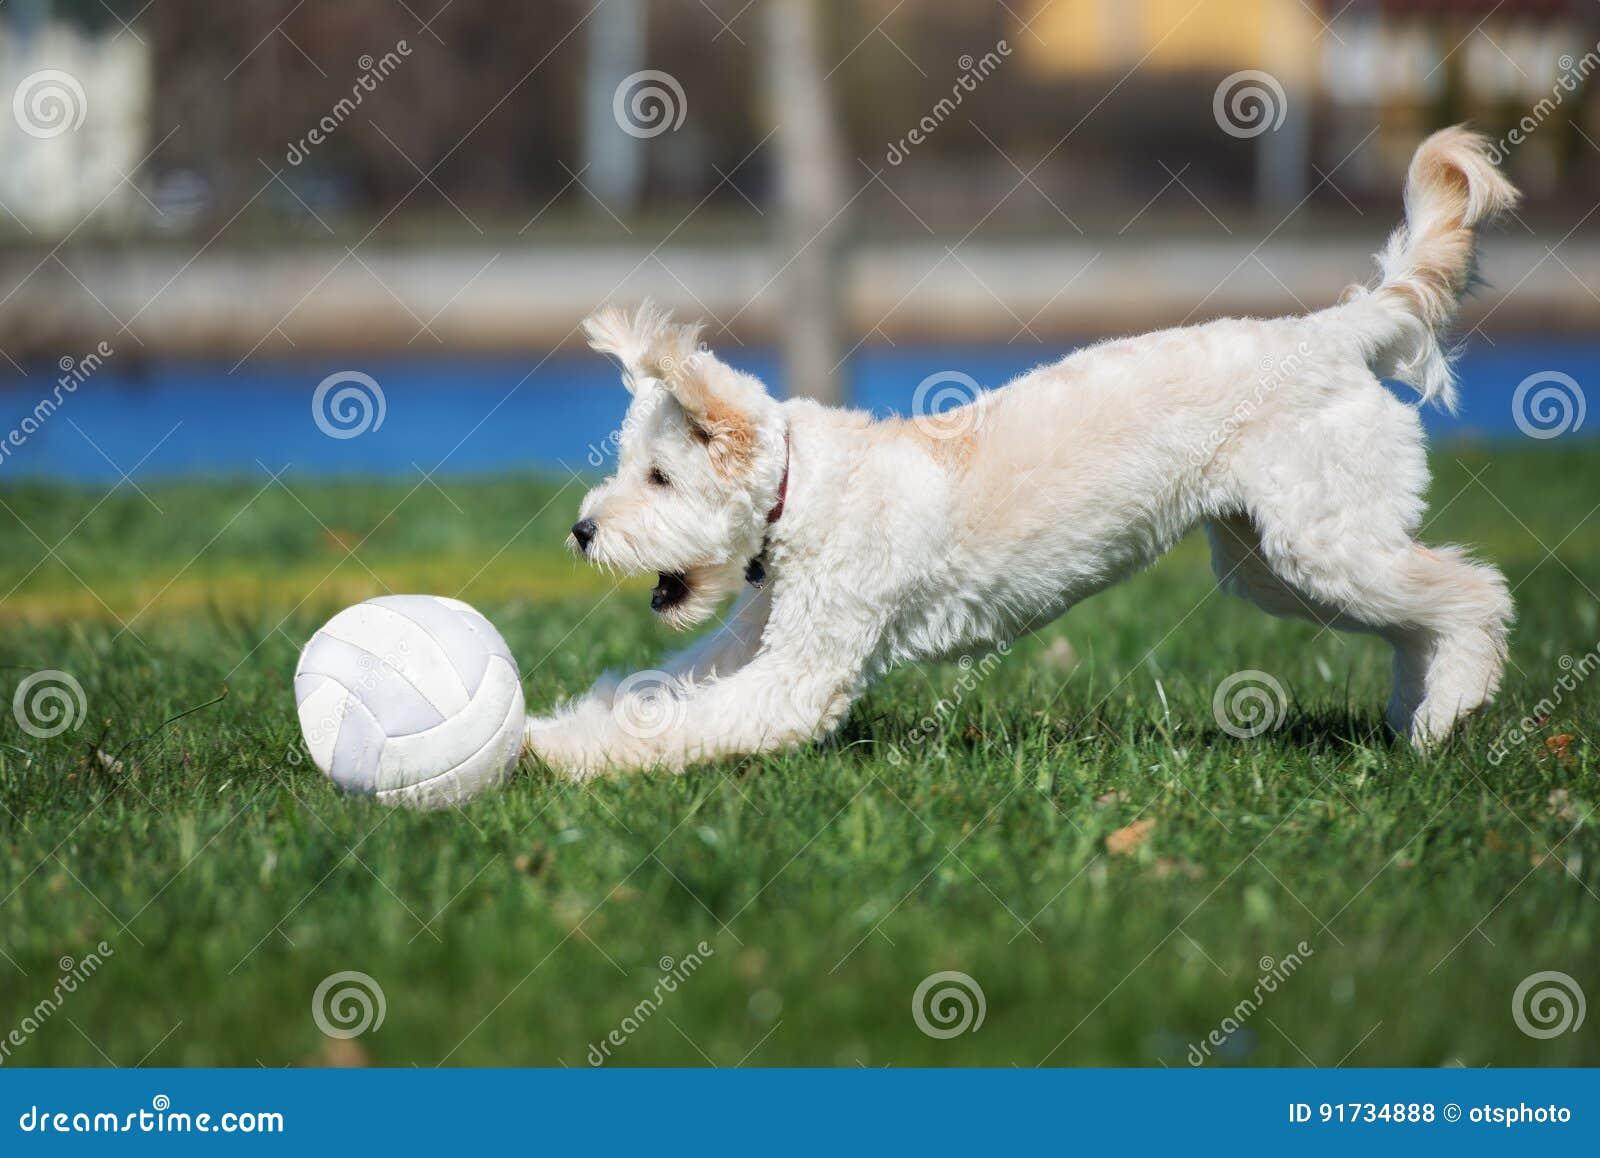 Perro mezclado adorable de la raza que juega con una bola al aire libre